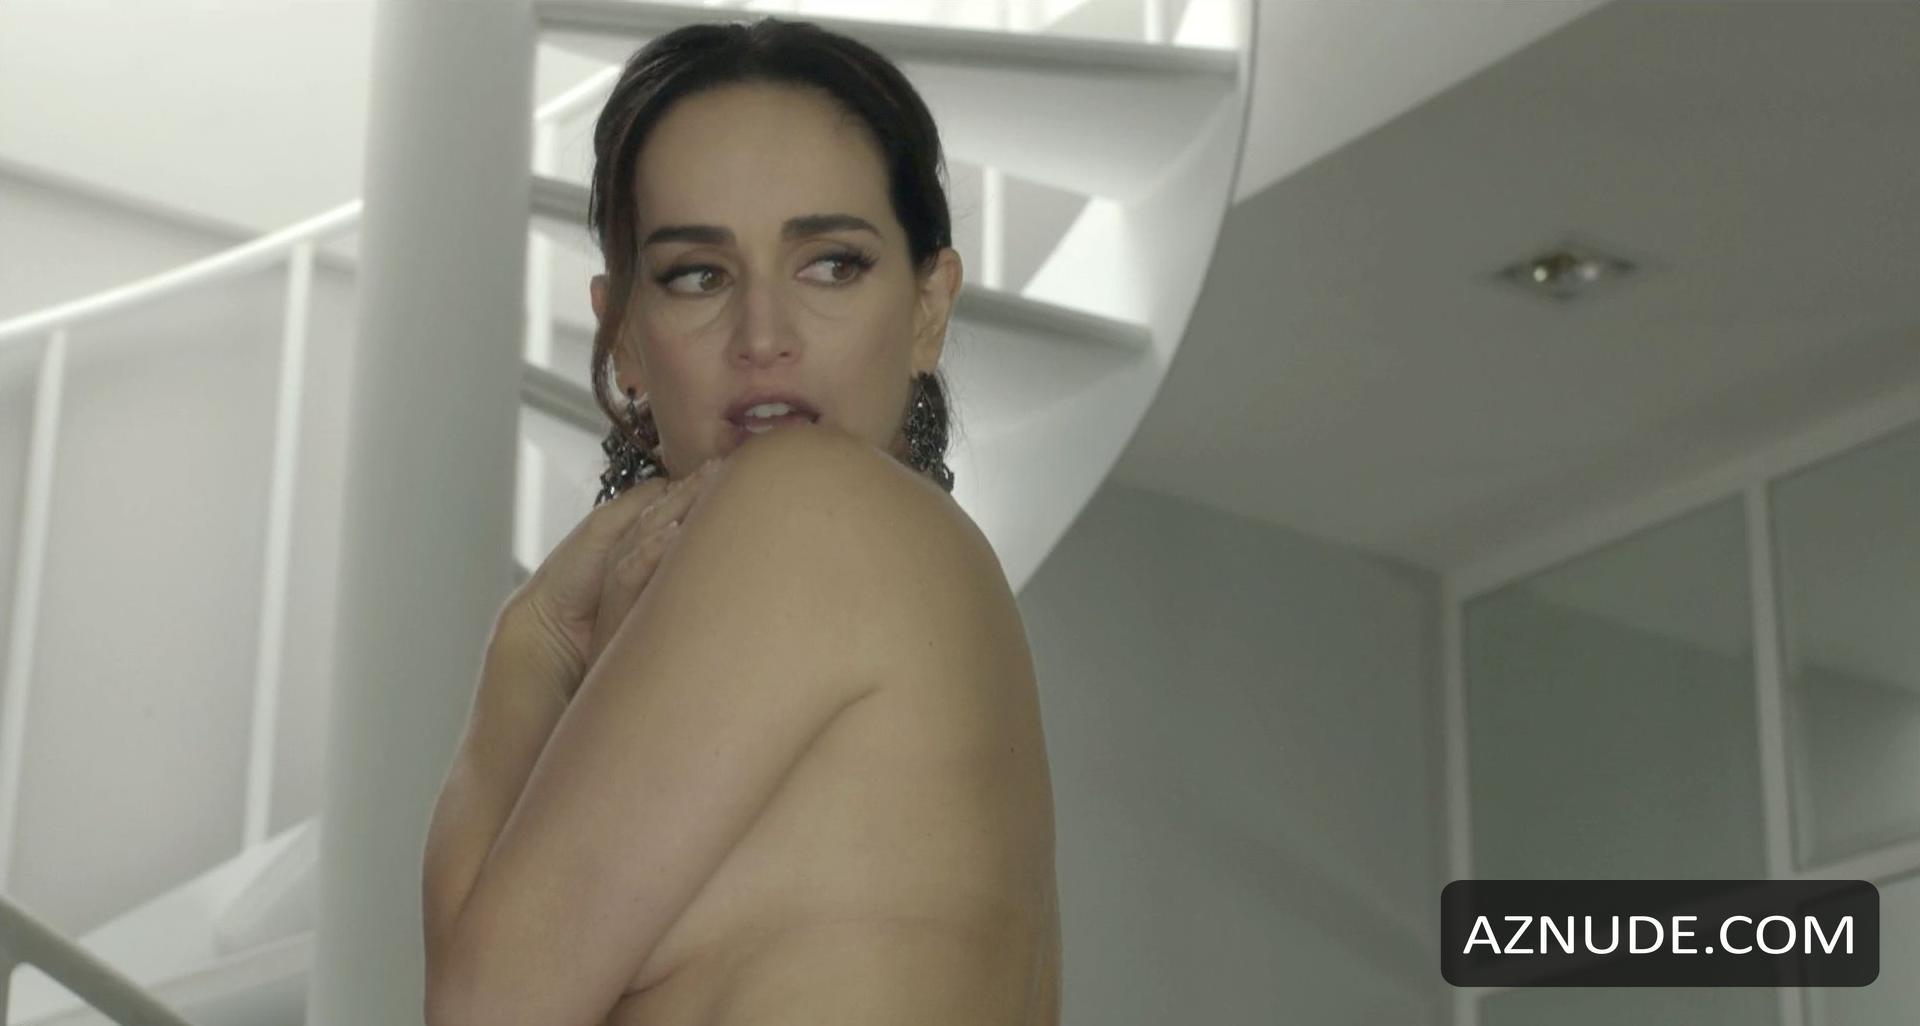 Ana Reguera Nude 44